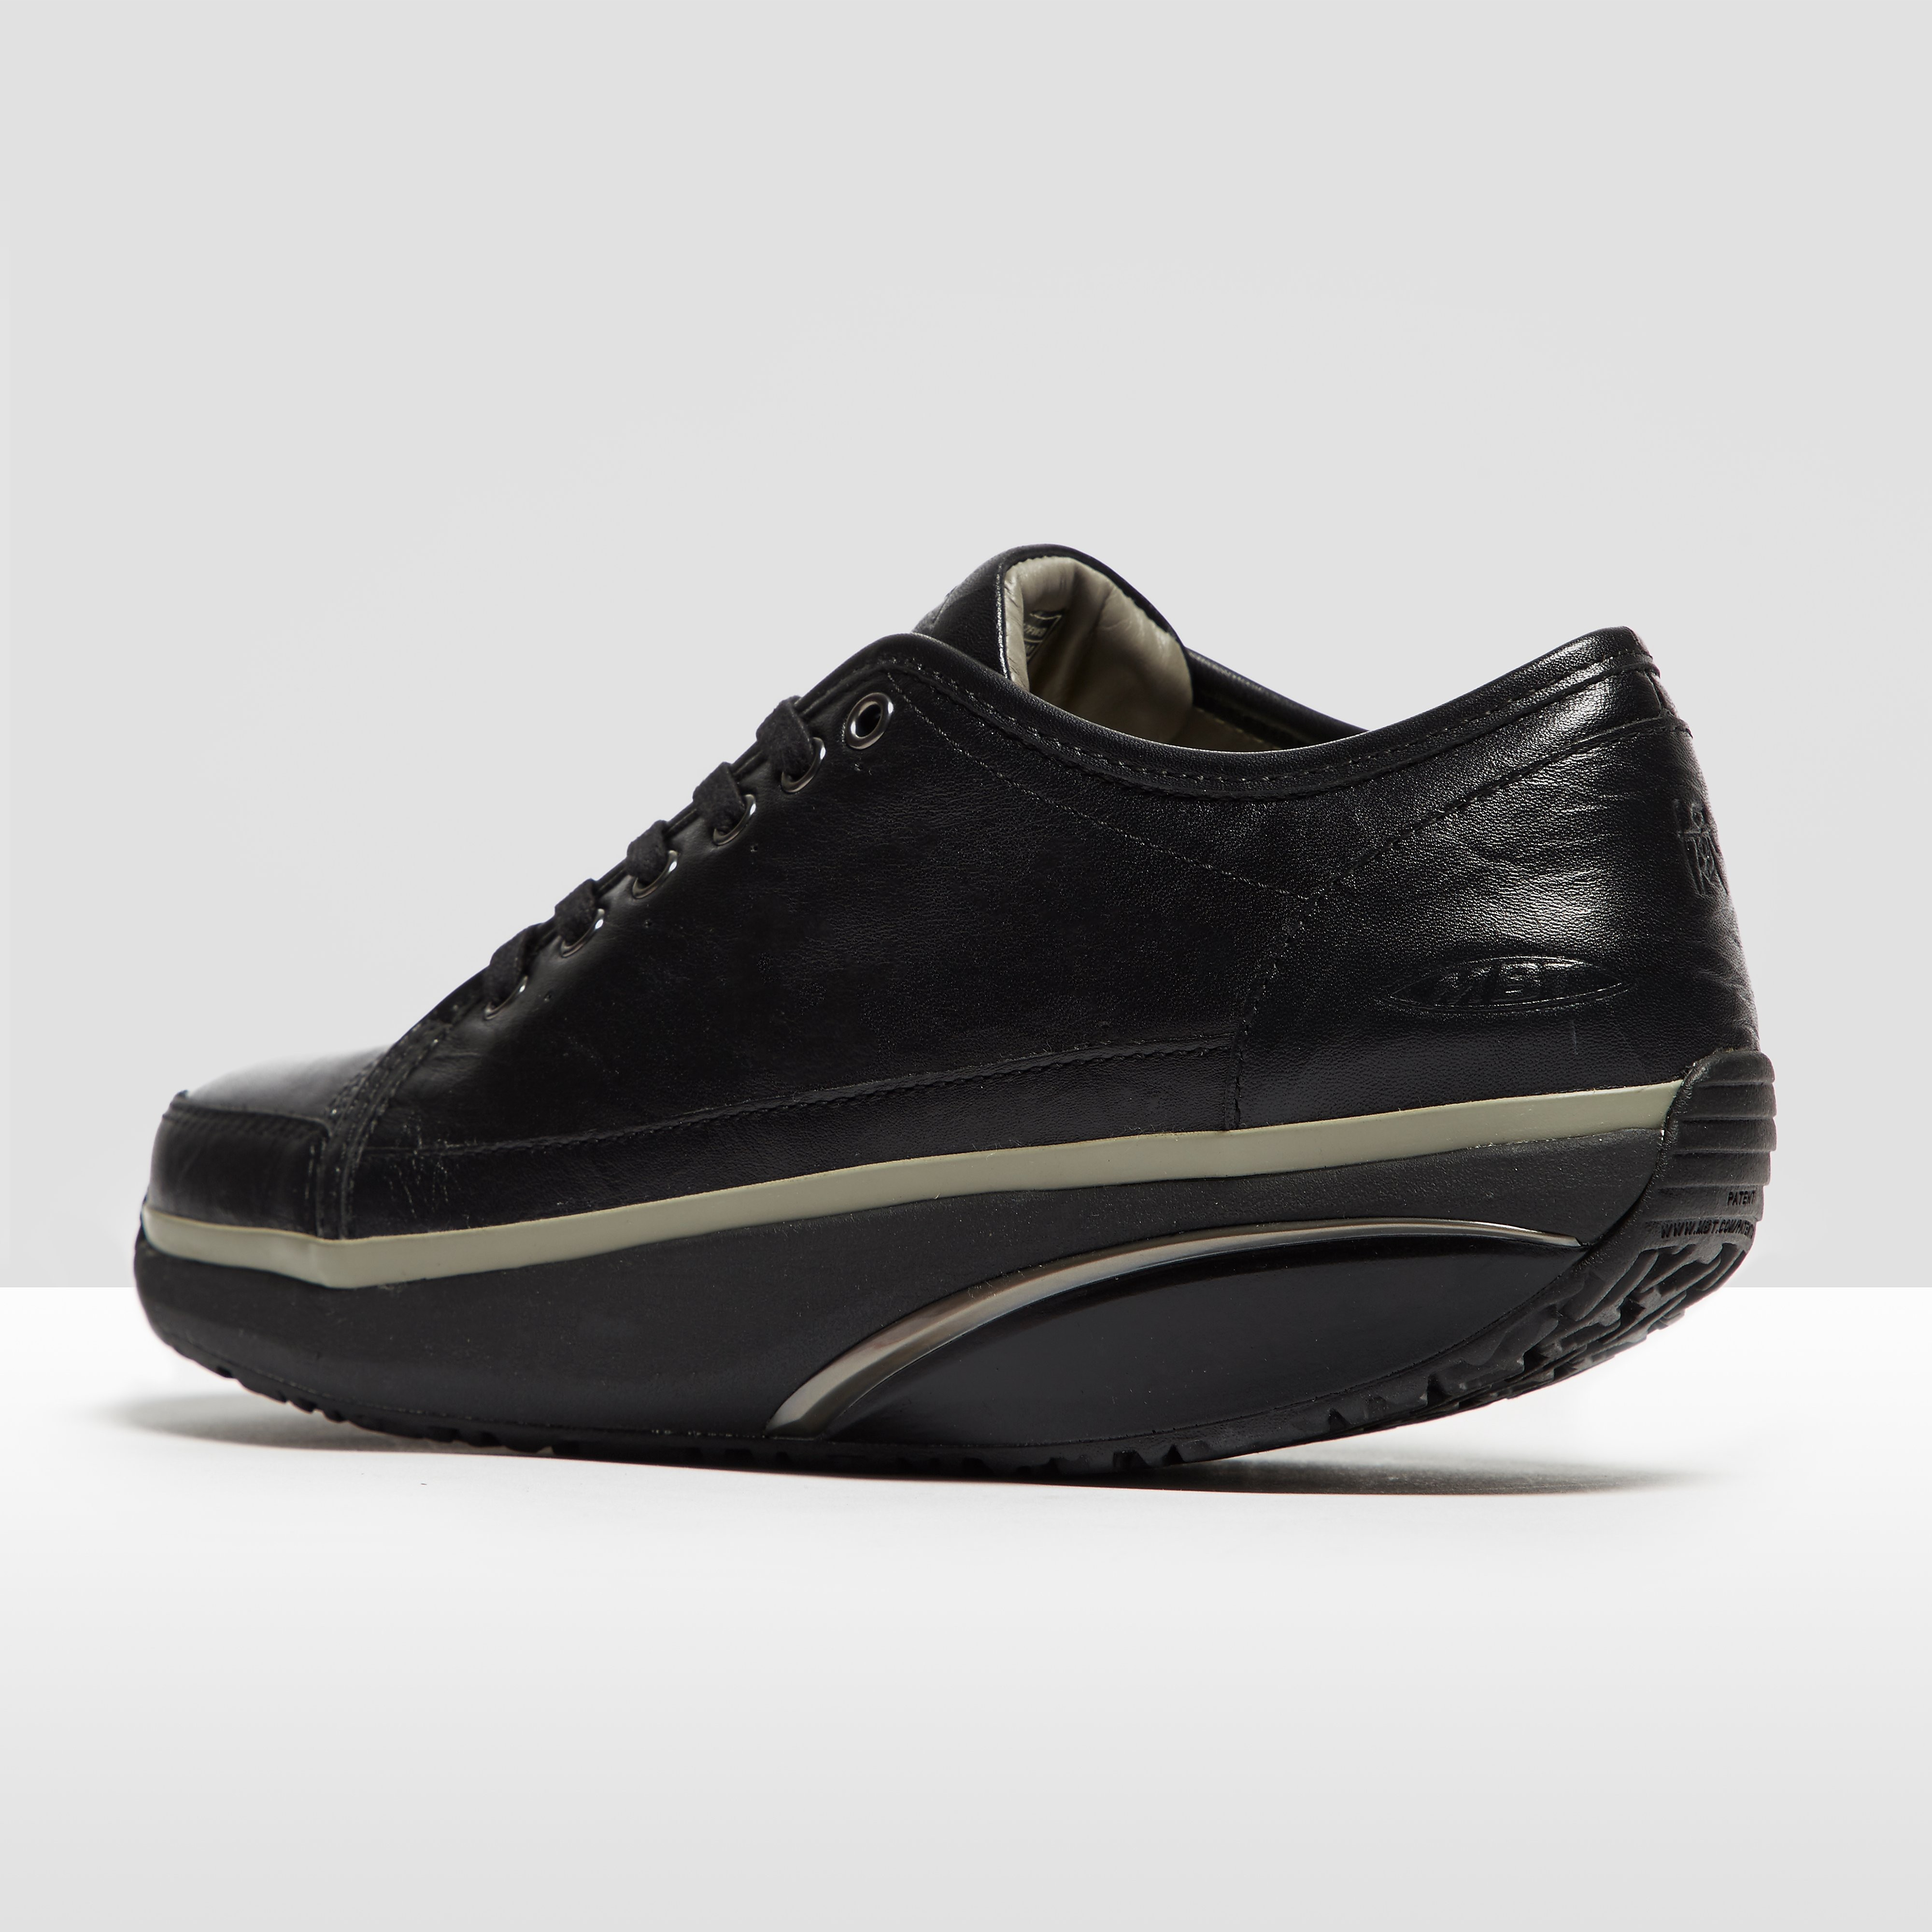 Mbt Nafasi 6 Women's Ruining Shoes